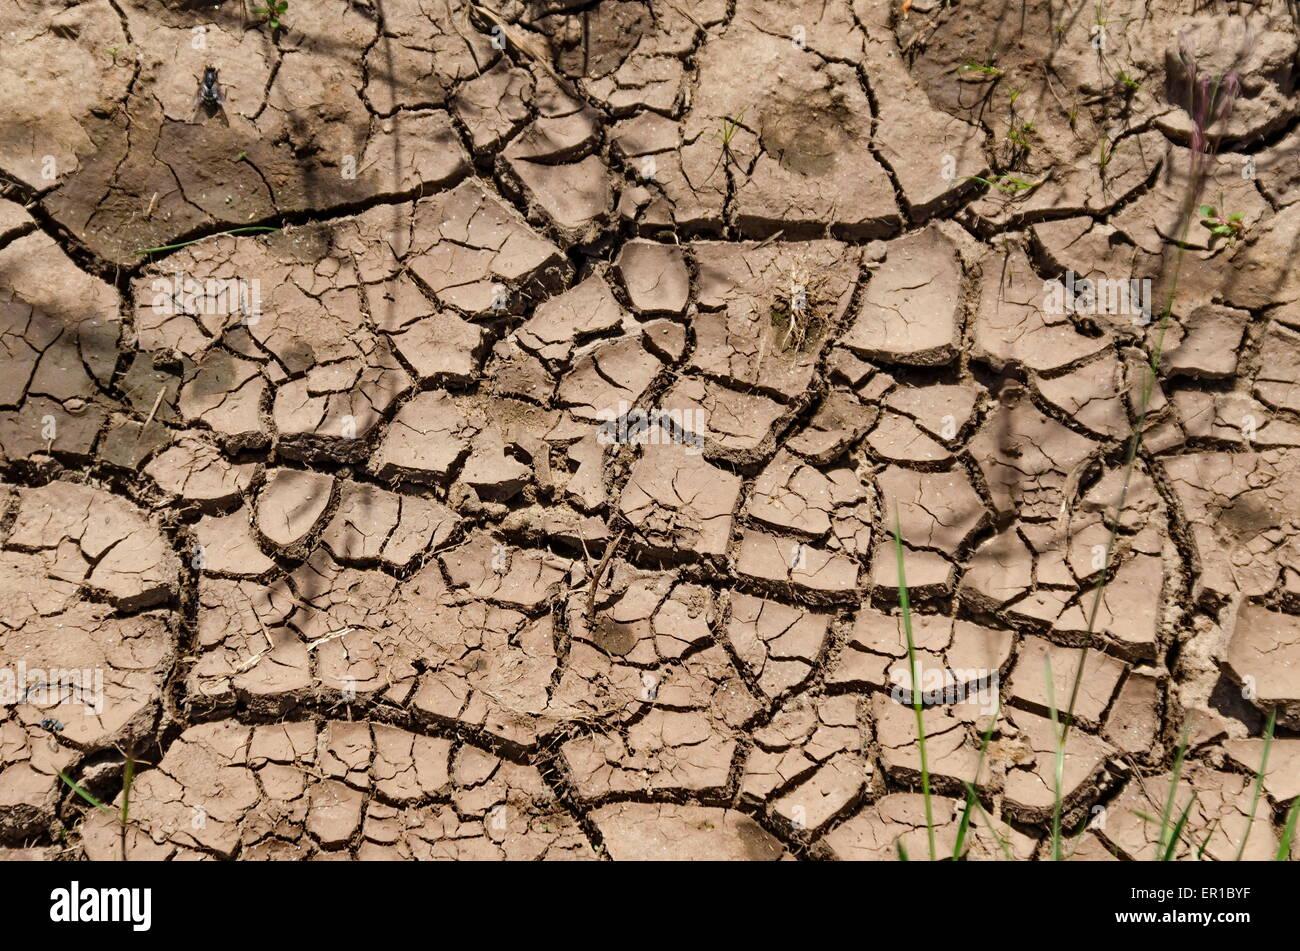 Trockener Schmutz Spalt nach lange Zeit Dürre Stockbild